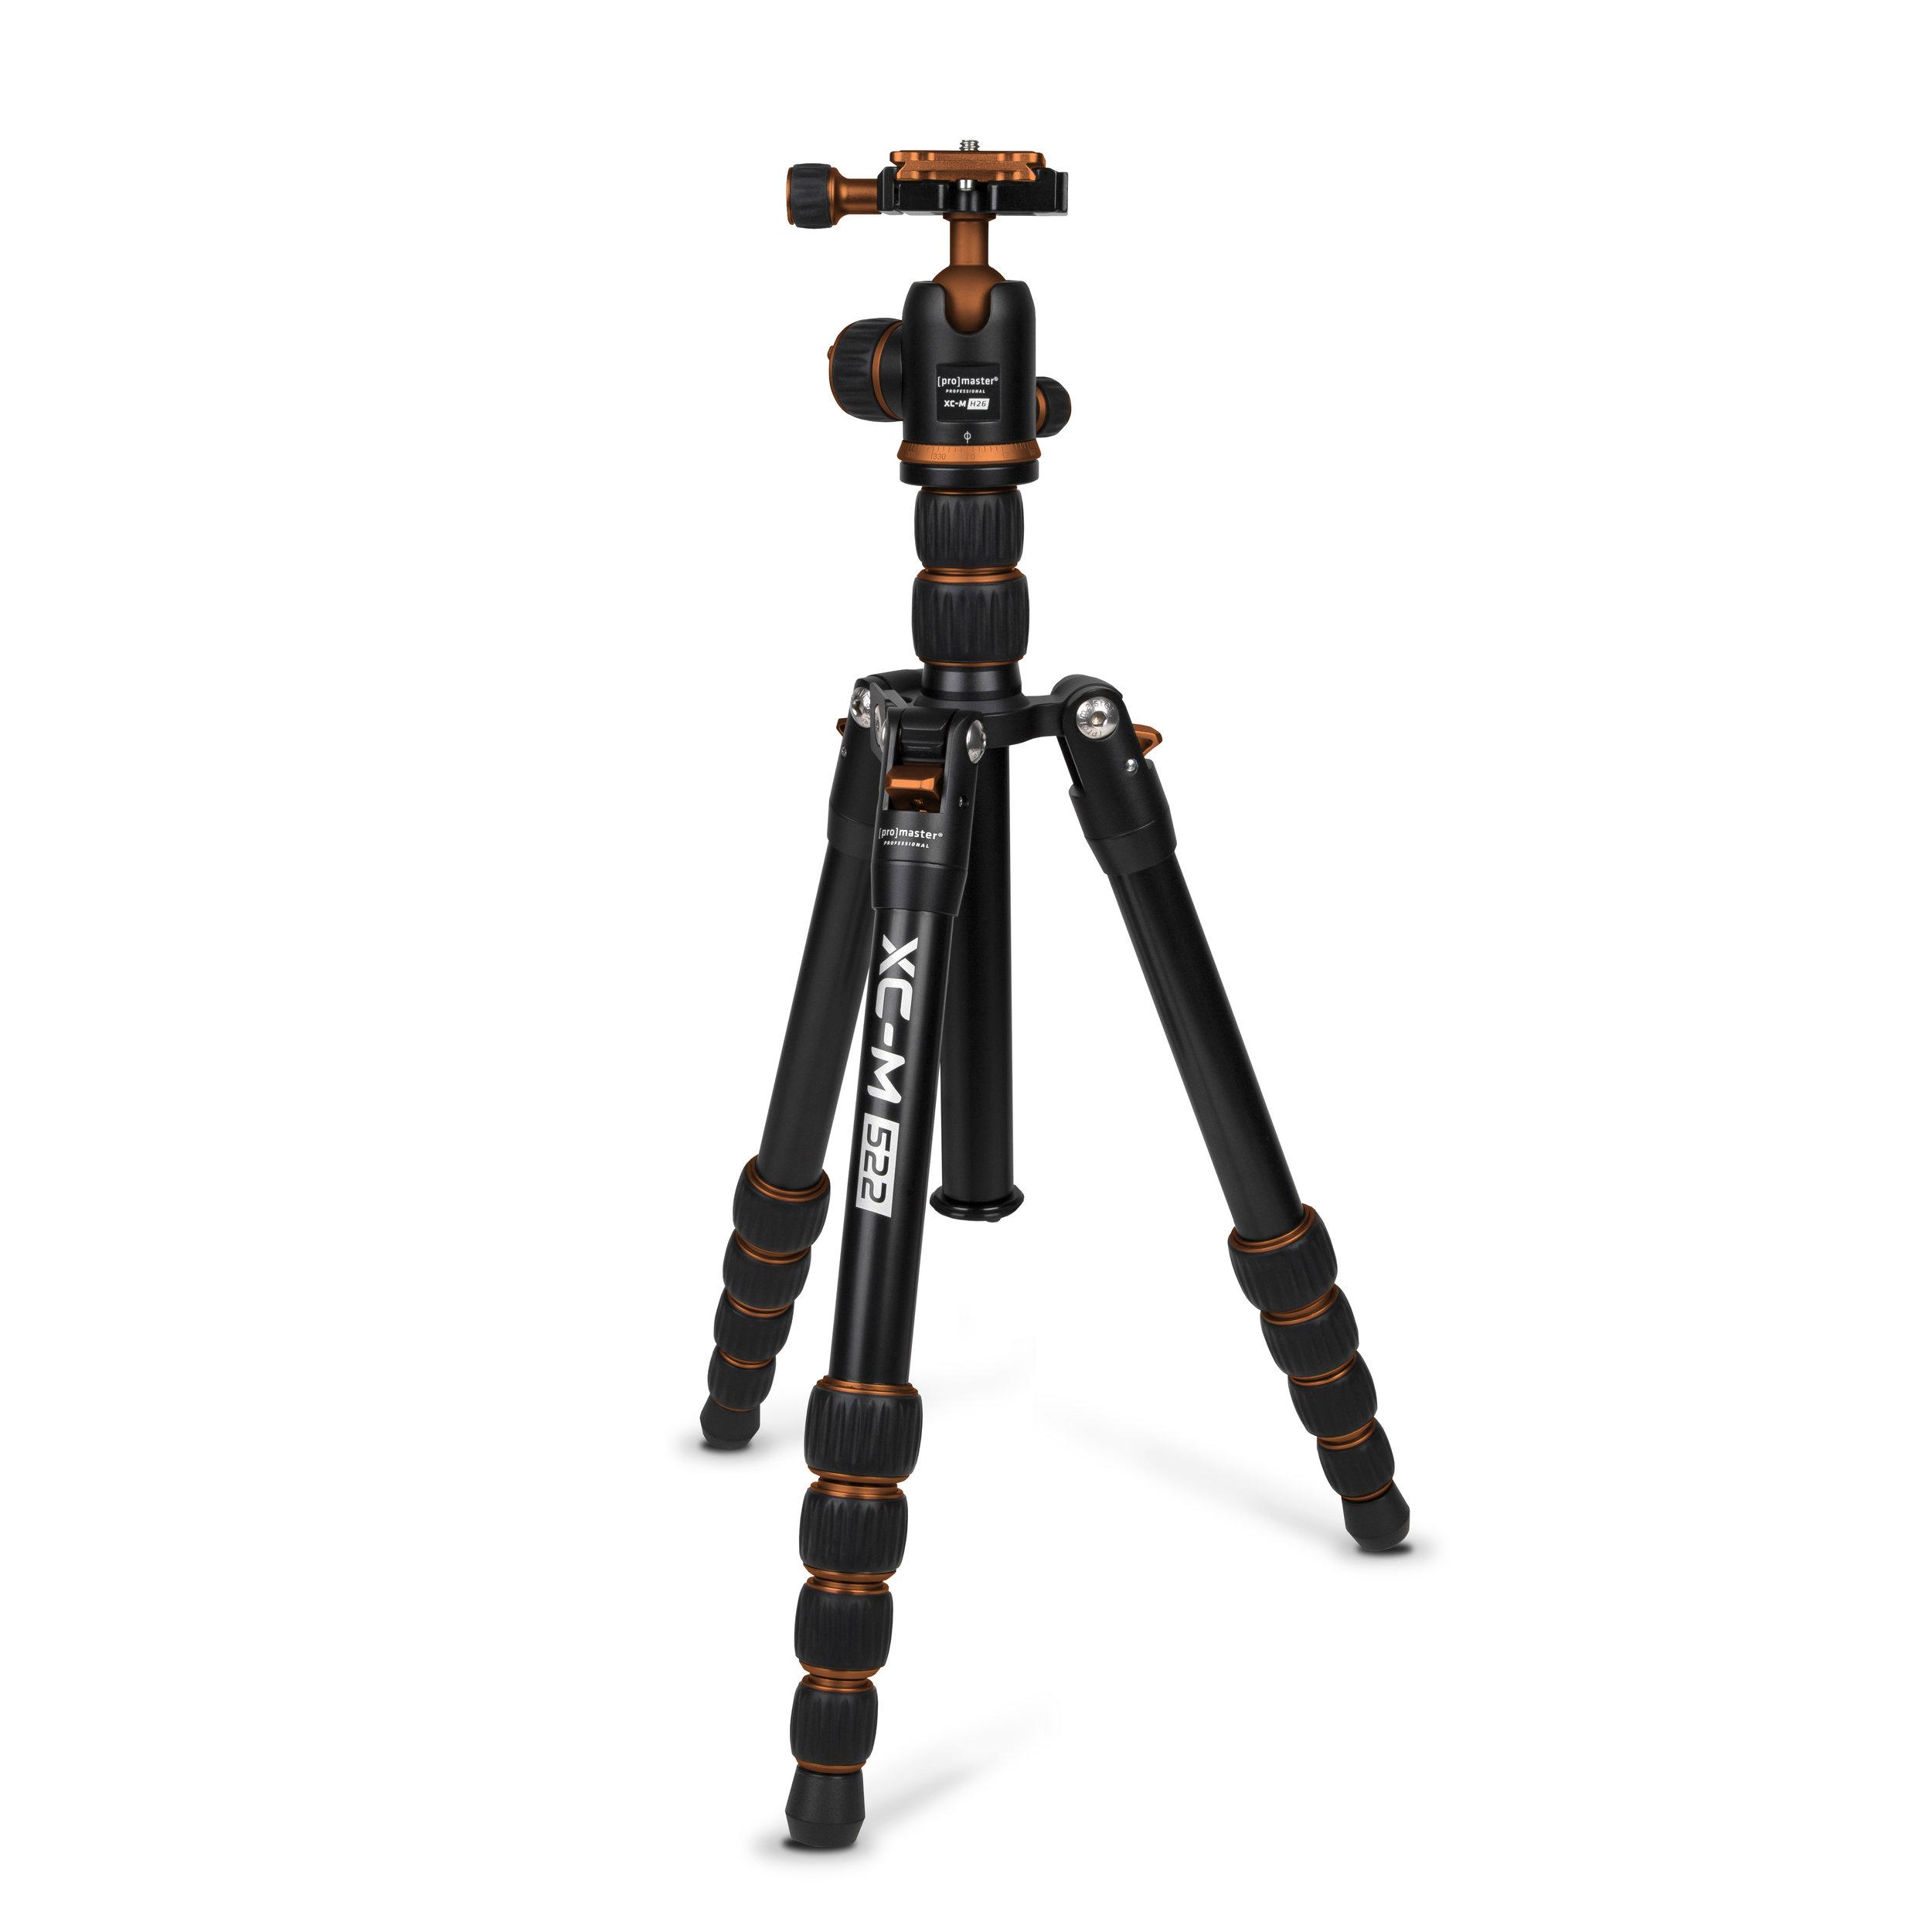 XC-M 522 ALUMINUM - ORANGE   $159.95